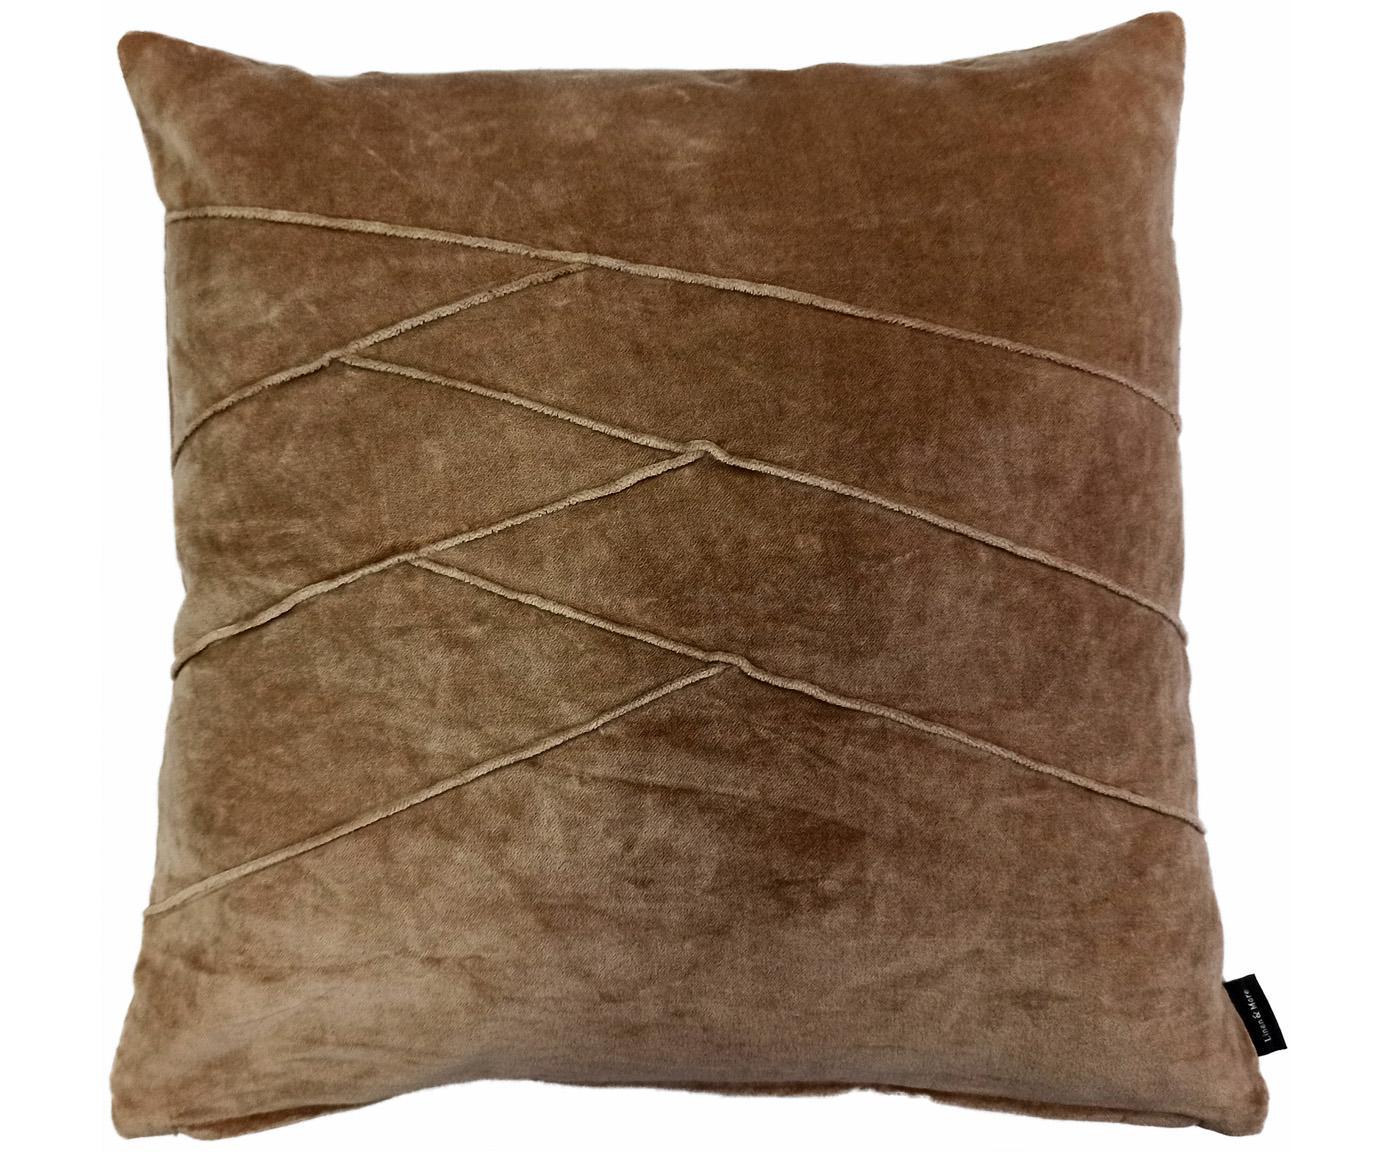 Cuscino in velluto con motivo e imbottitura Pintuck, Rivestimento: 55% rayon, 45% cotone, Rosa, Larg. 45 x Lung. 45 cm